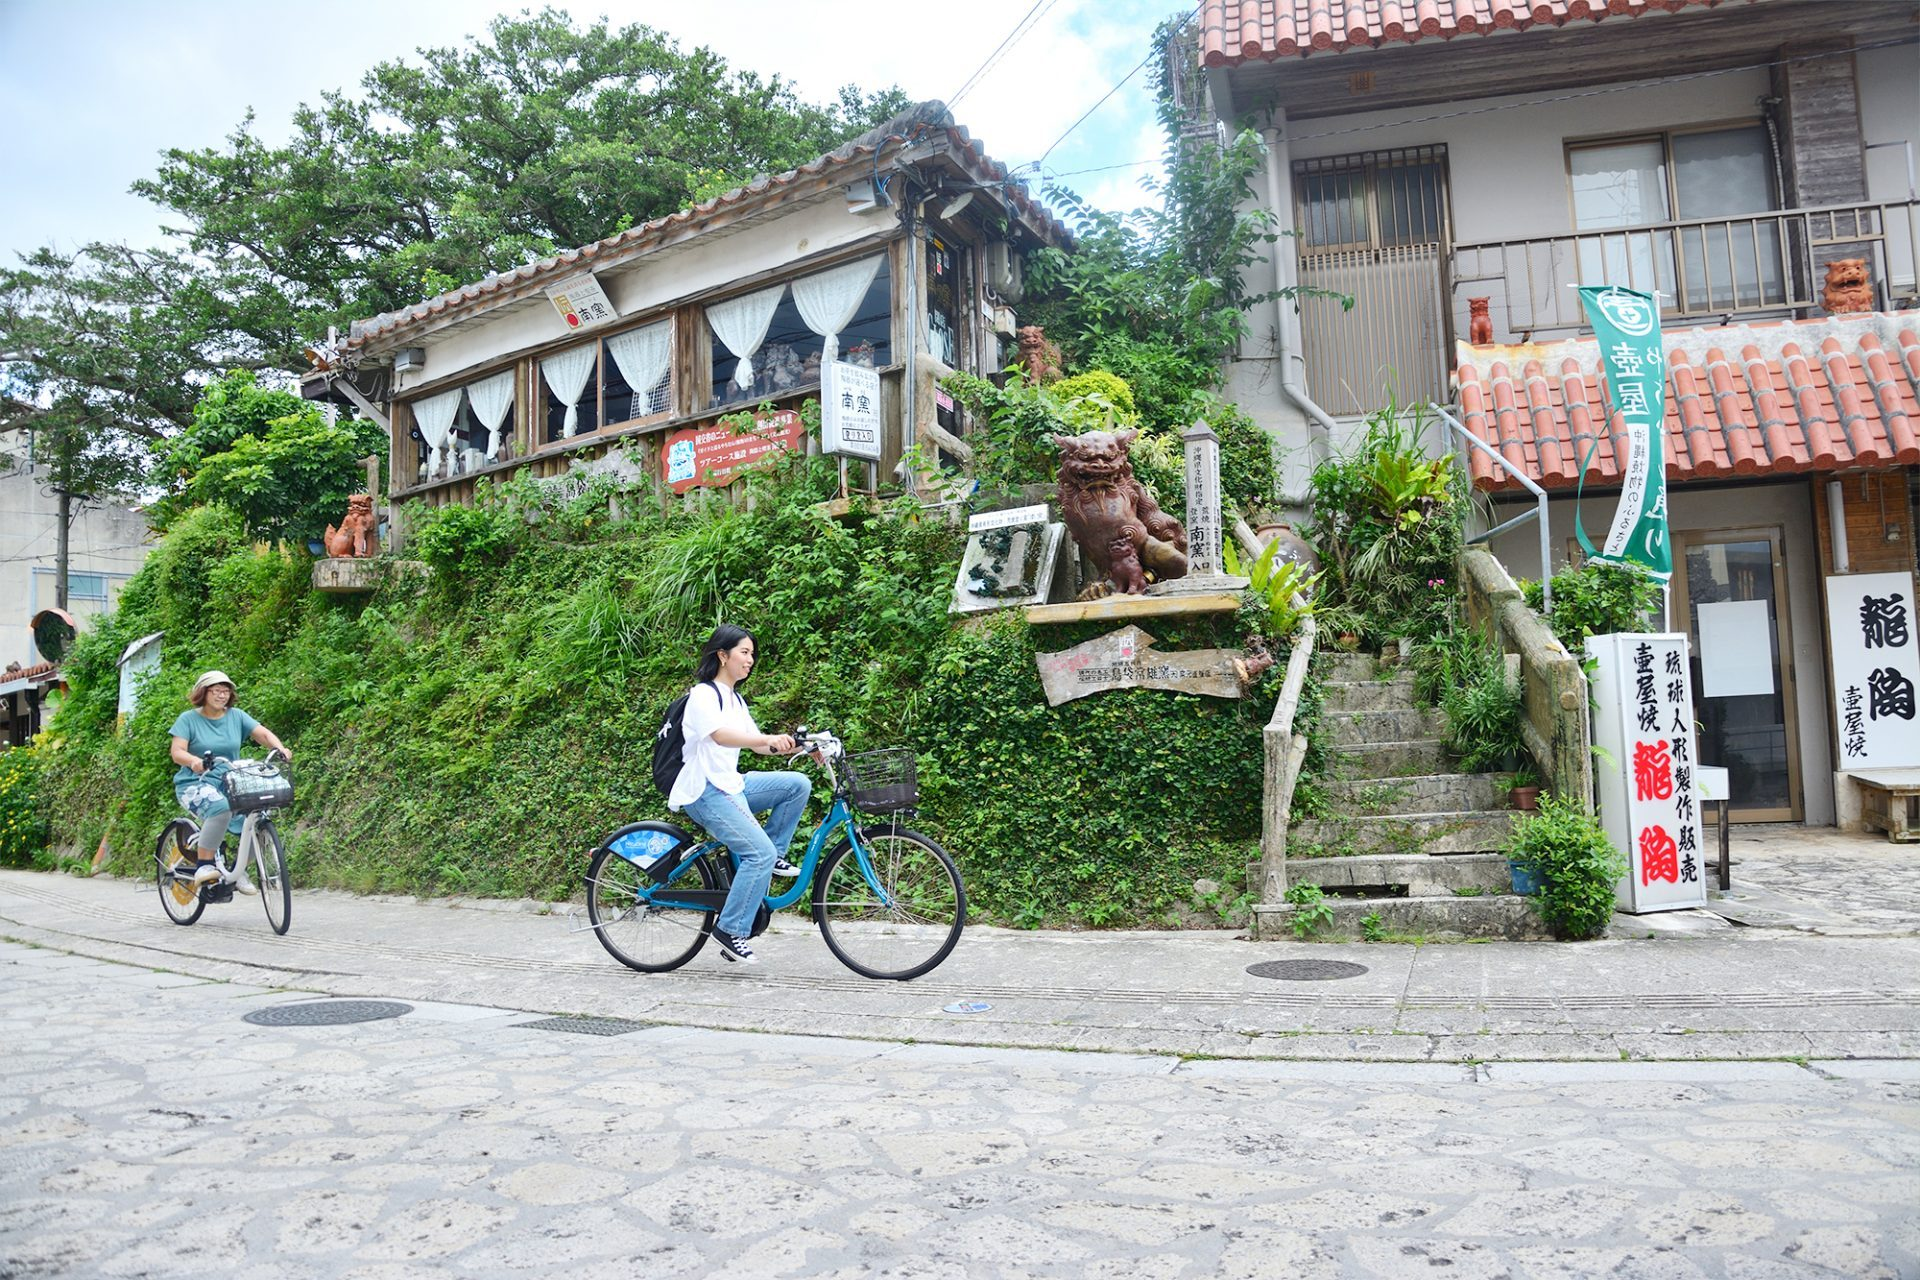 サイクリングで快適な観光